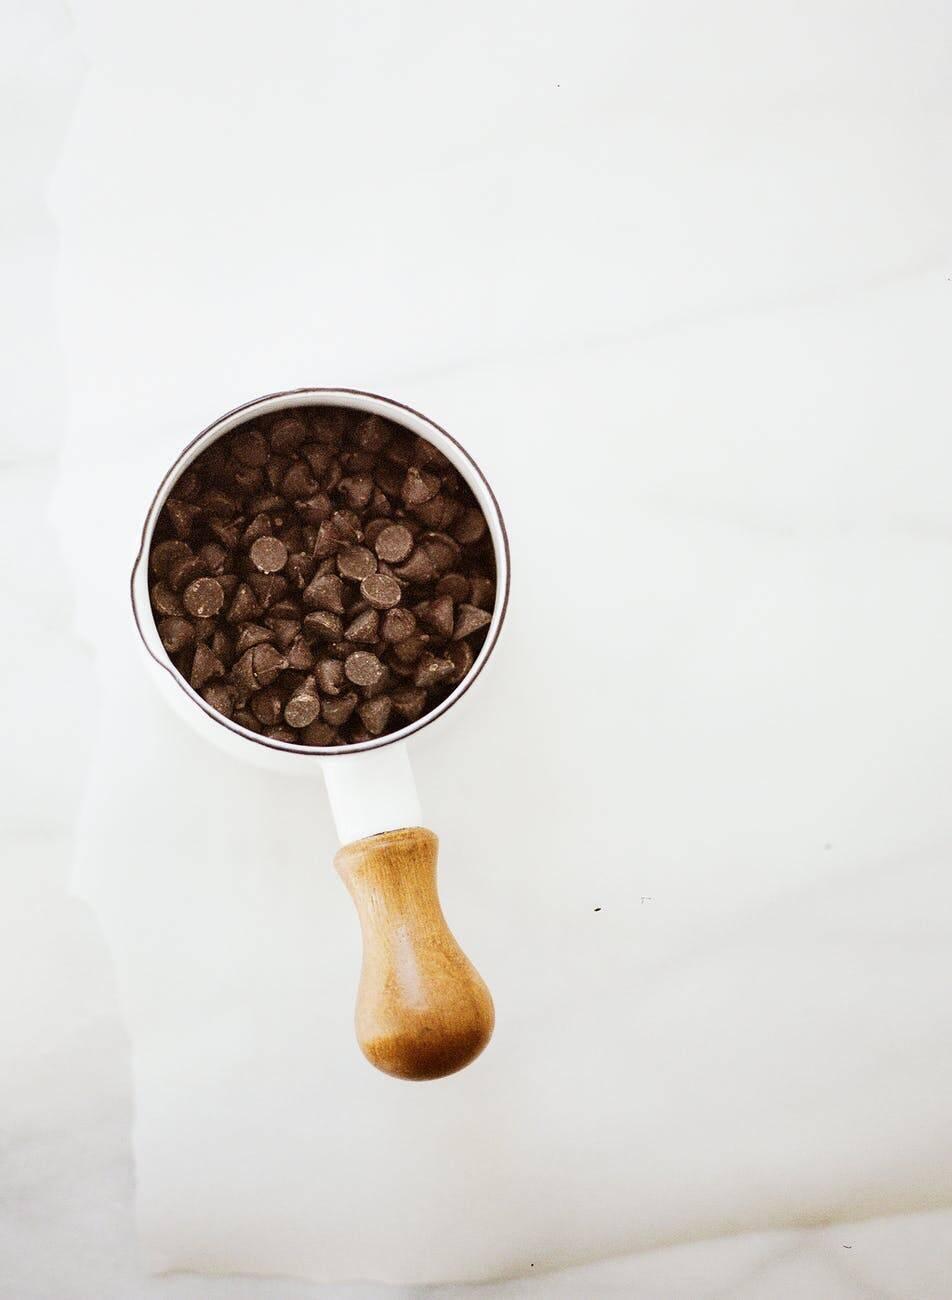 Modo de preparo: Derreta o chocolate meio amargo e a manteiga, misture até ficar homogêneo e reserve. Junte os ovos, a farinha de trigo, o sal e o açúcar e misture bem. (Foto: Pexels)